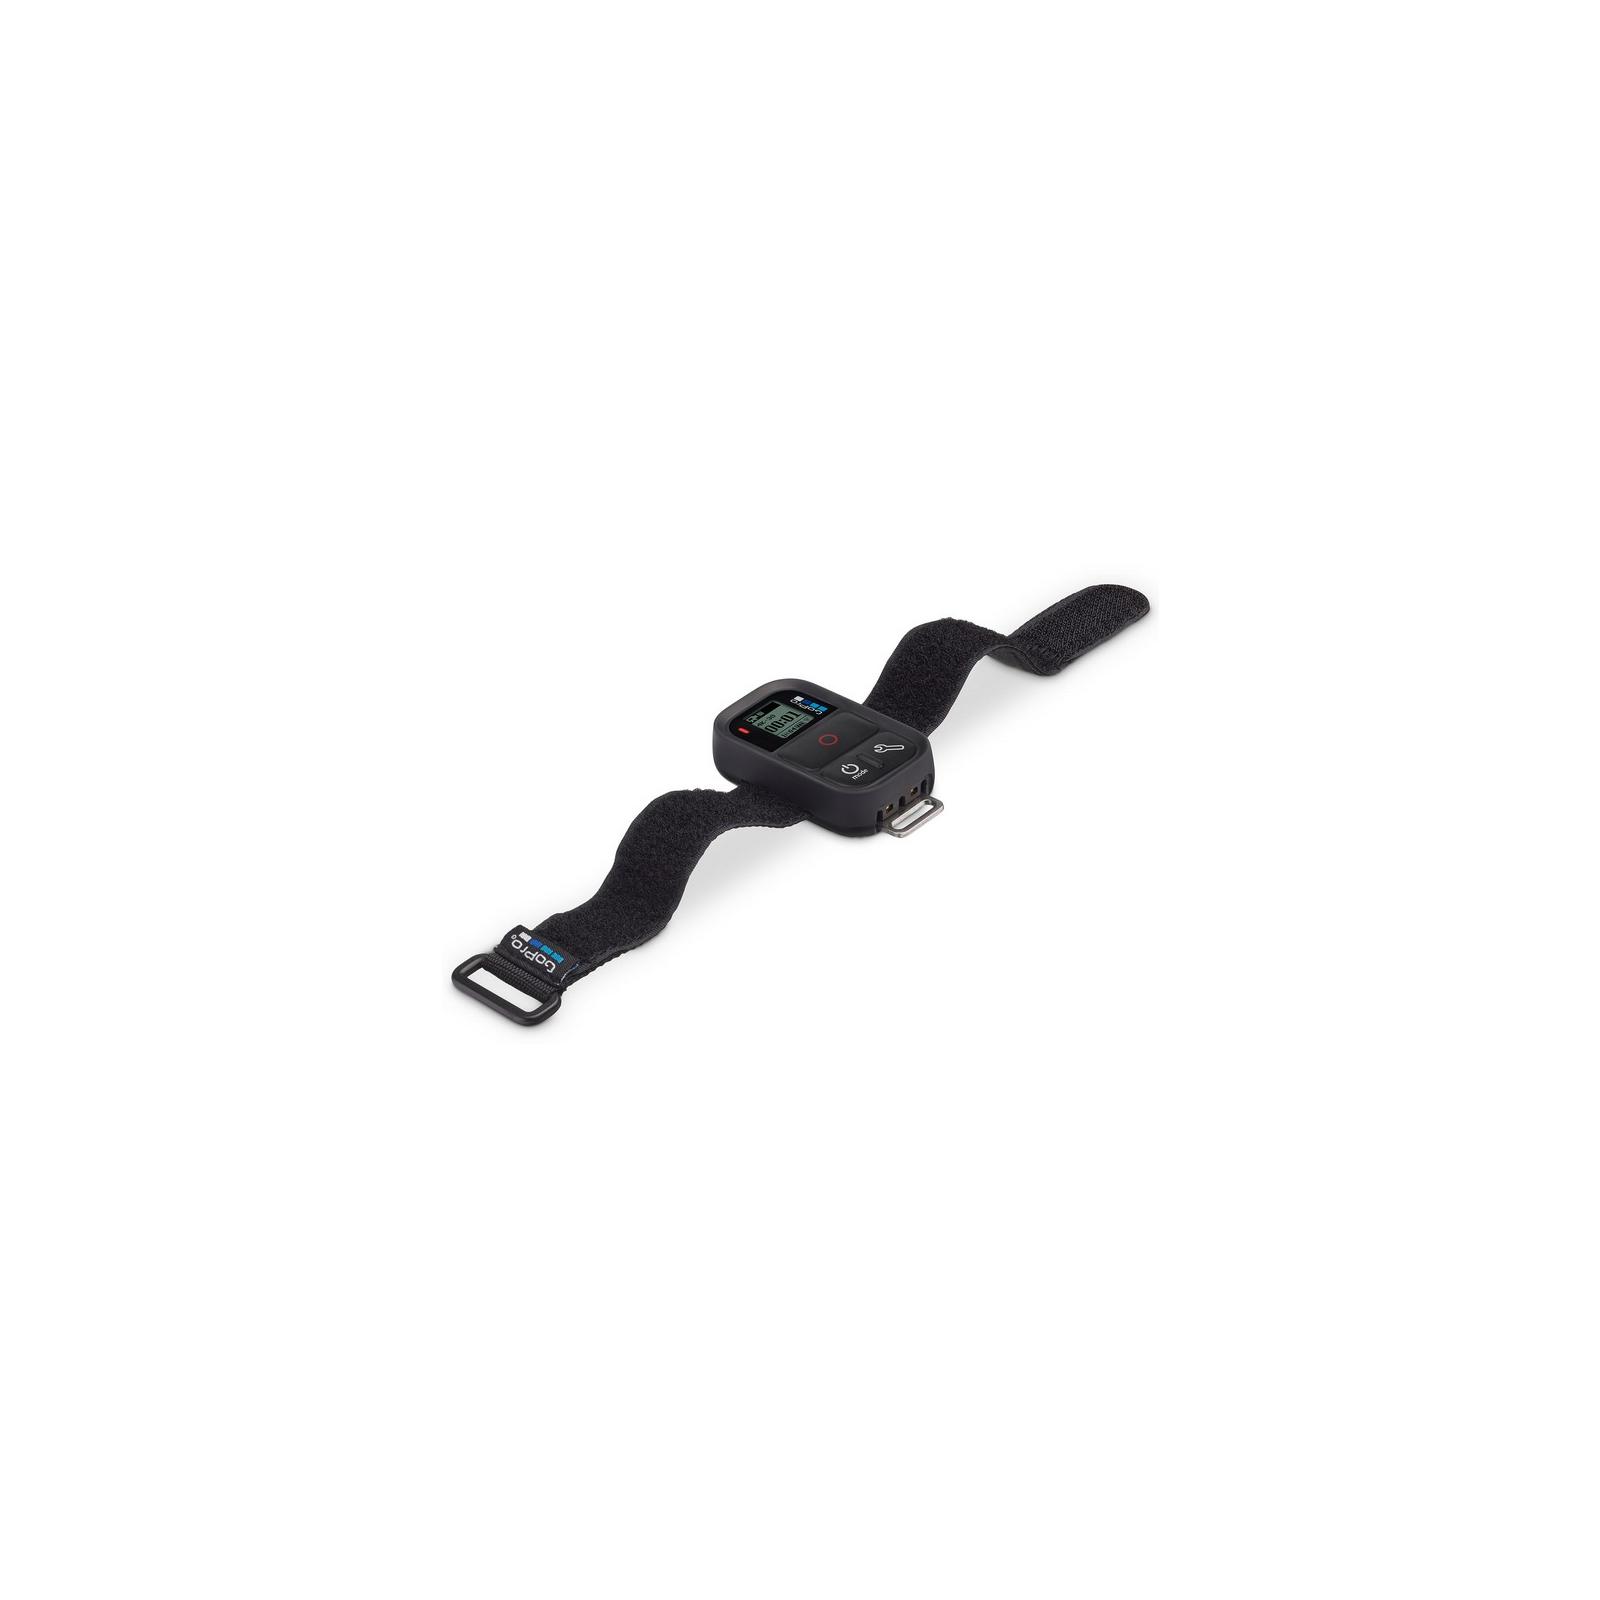 Пульт ДУ для фото- видеокамер GoPro Smart Remote (ARMTE-002-FR) изображение 6